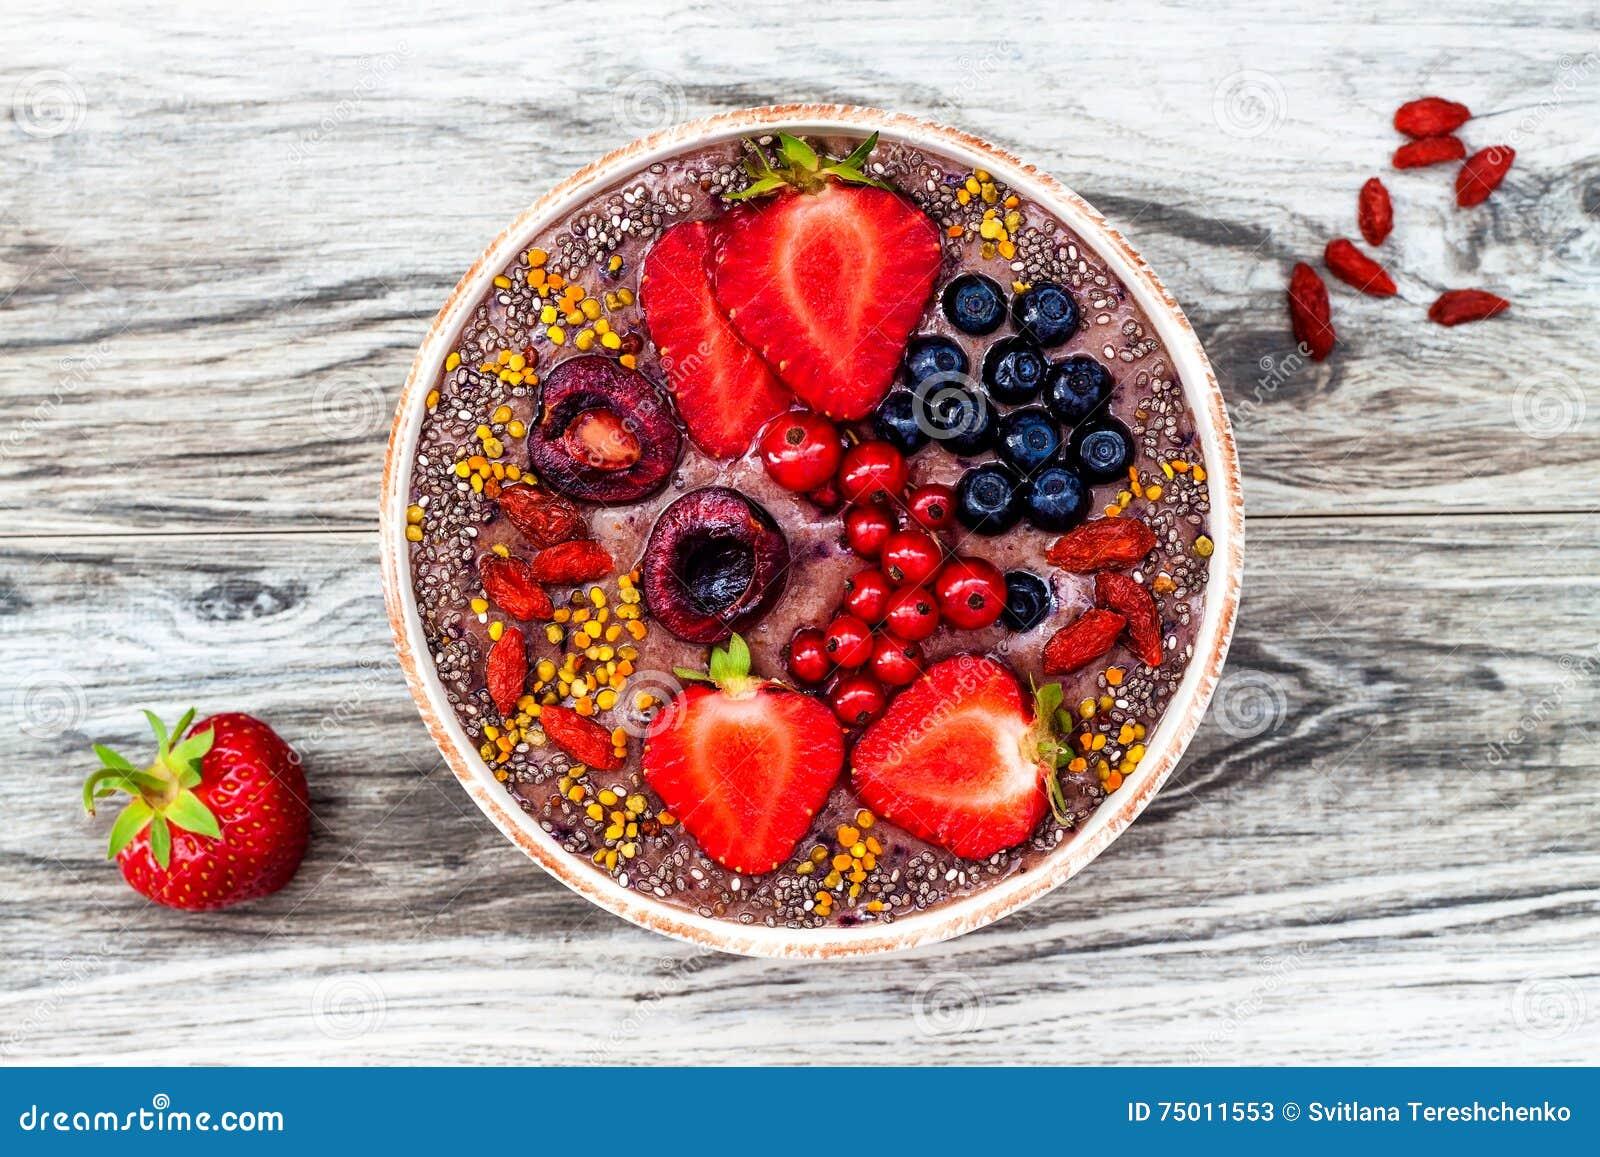 Acai-Frühstück superfoods Smoothies rollen mit chia Samen, dem Bienenblütenstaub, den goji Beerenbelägen und Erdnussbutter obenli